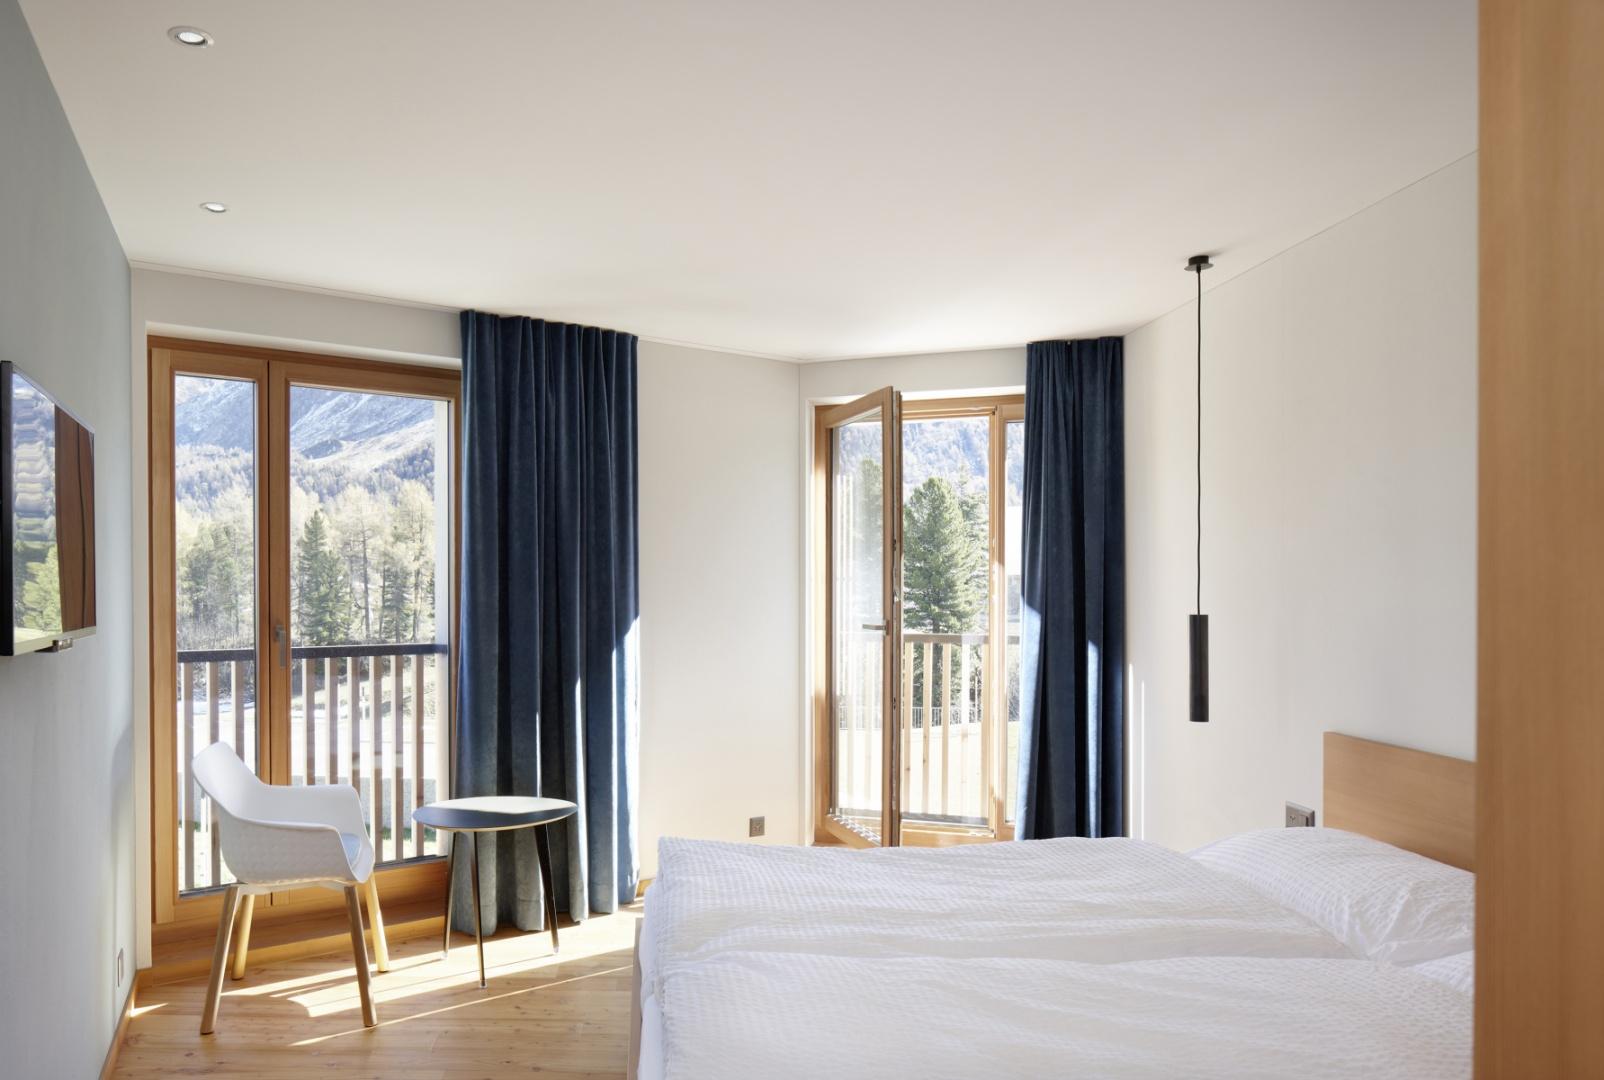 Hotelzimmer © Ralph Feiner, Malans